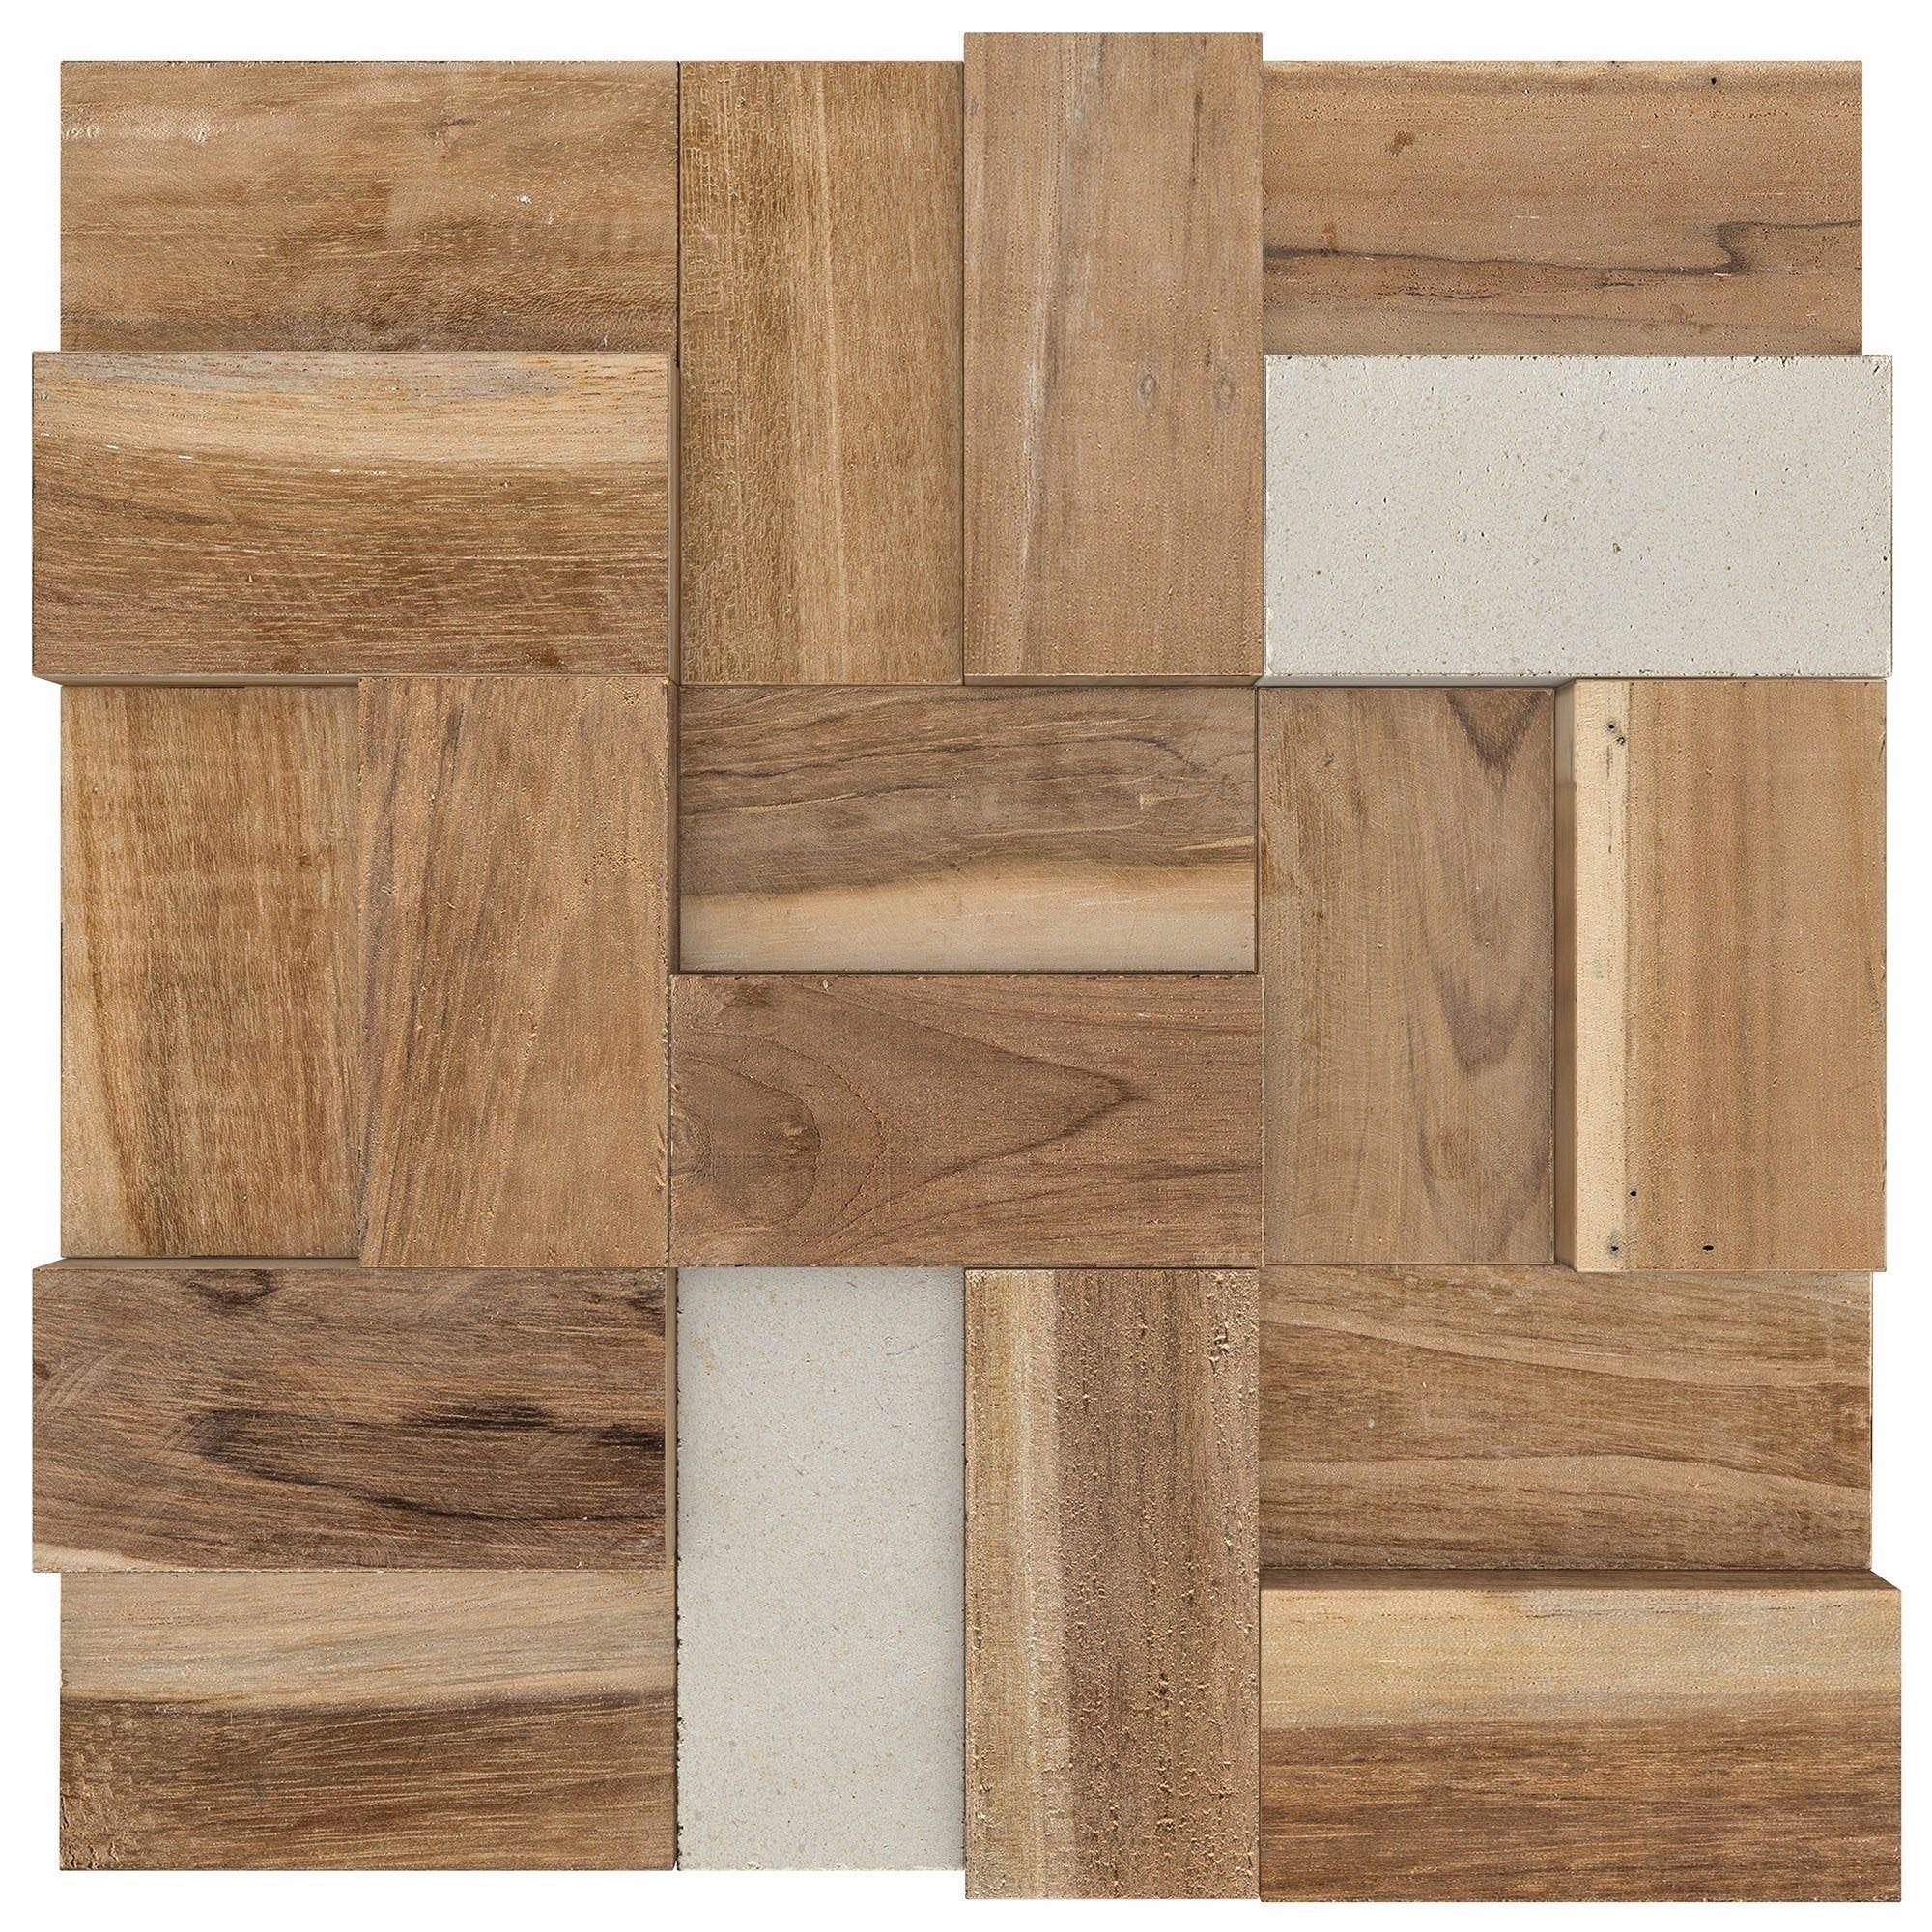 Mosaique Mur Woodstone Marron Et Blanc 5 X 9 8 Cm Mat Inter Mur